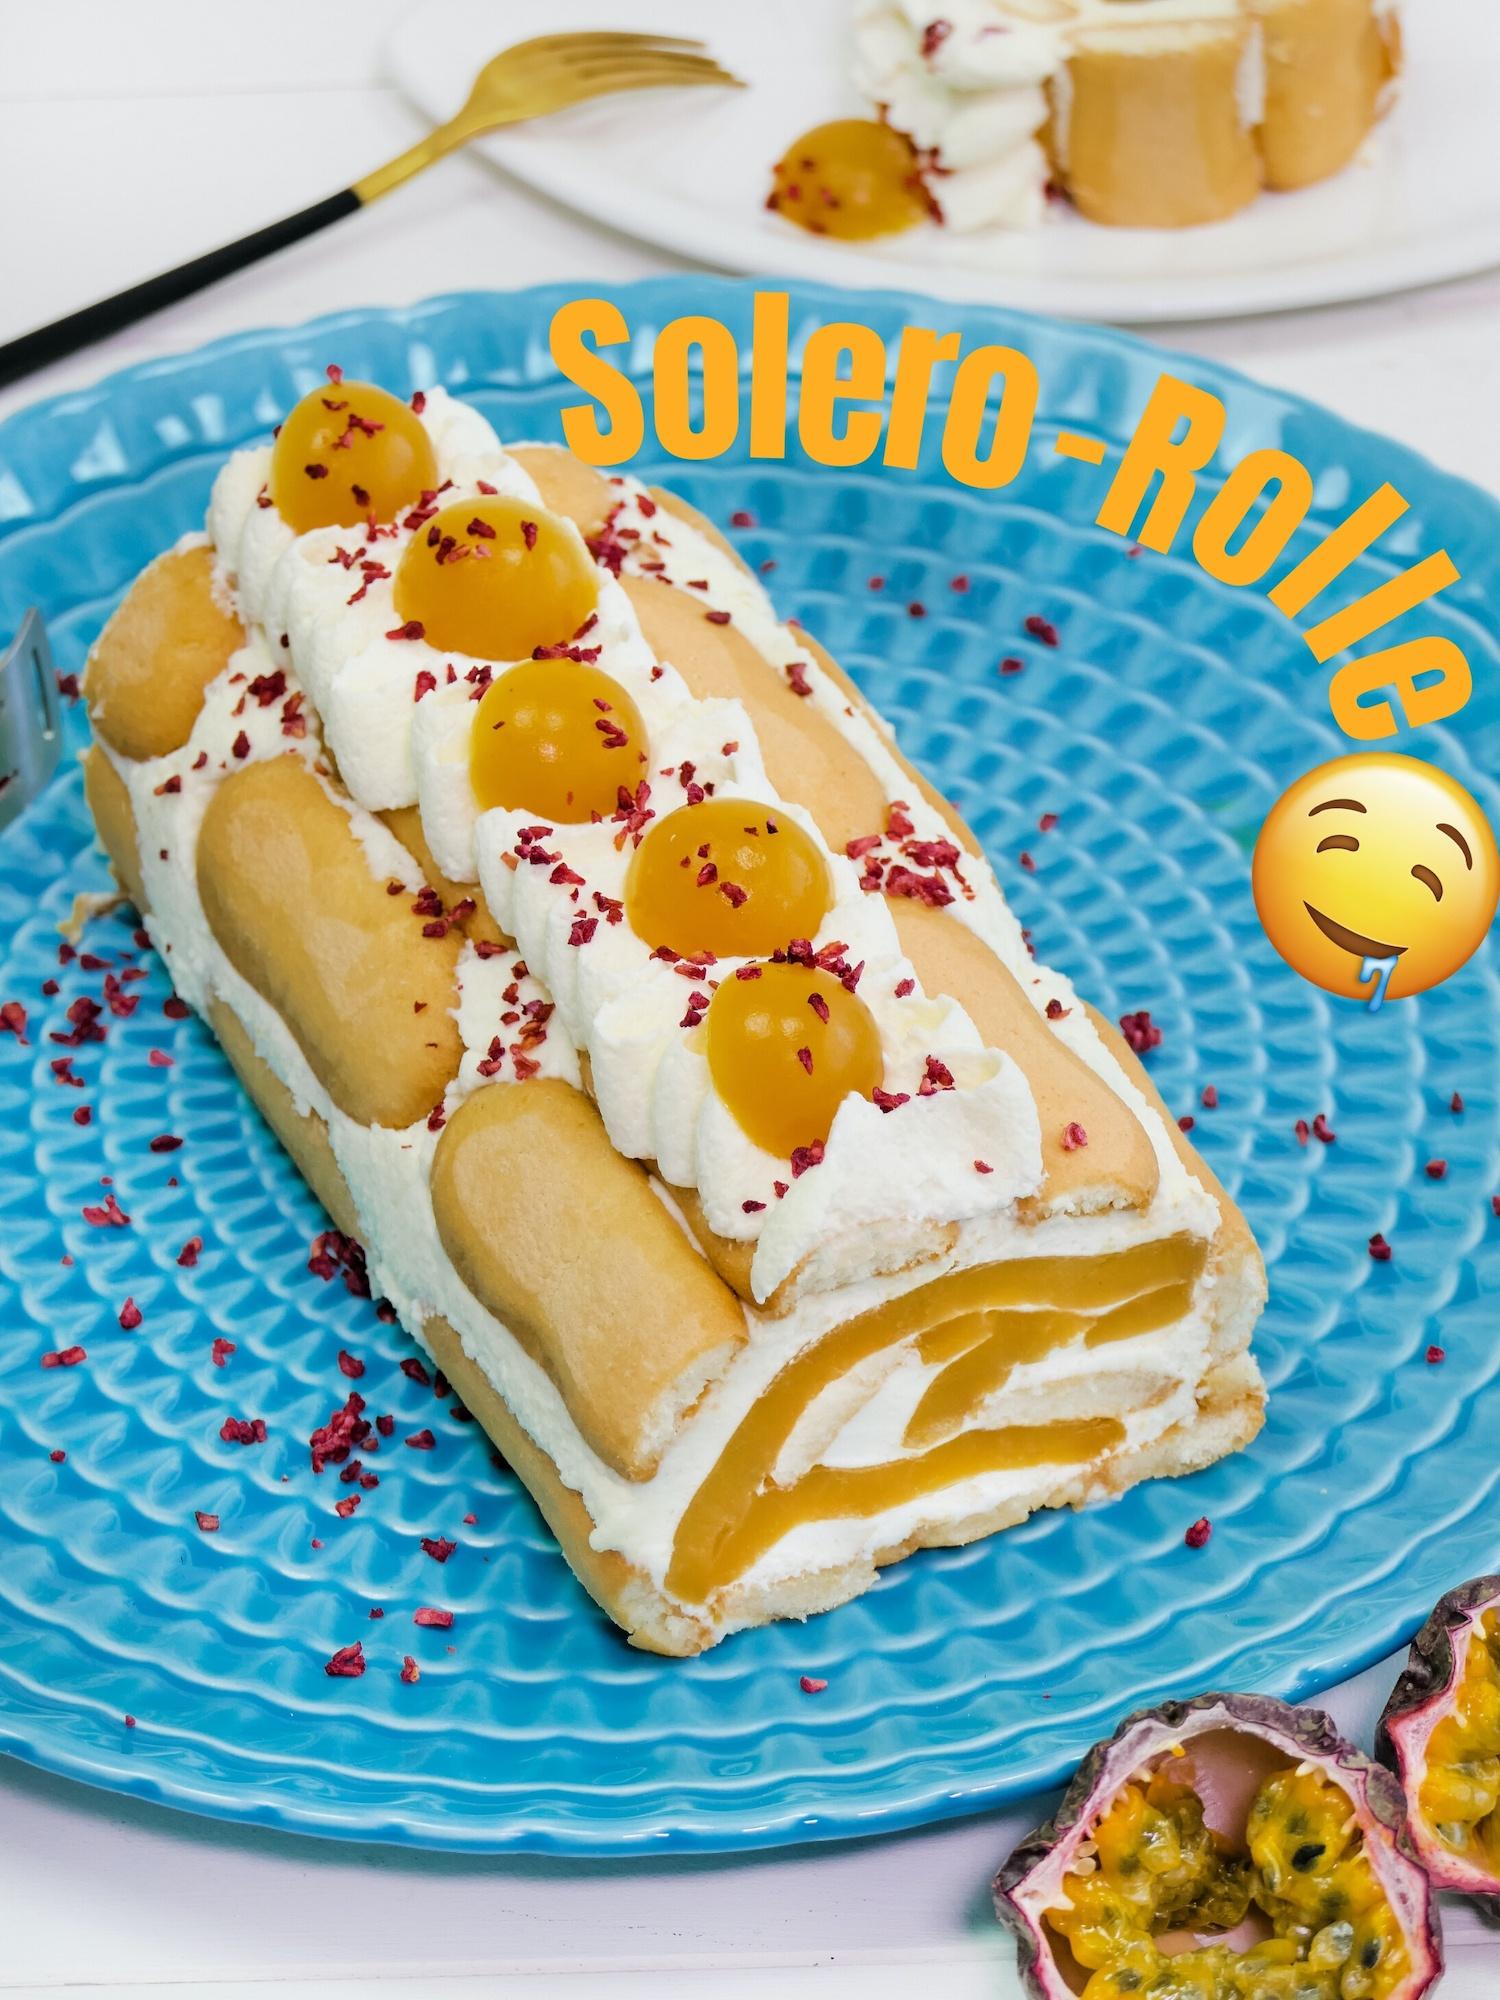 Nicoles Zuckerwerk No bake Solero-Rolle